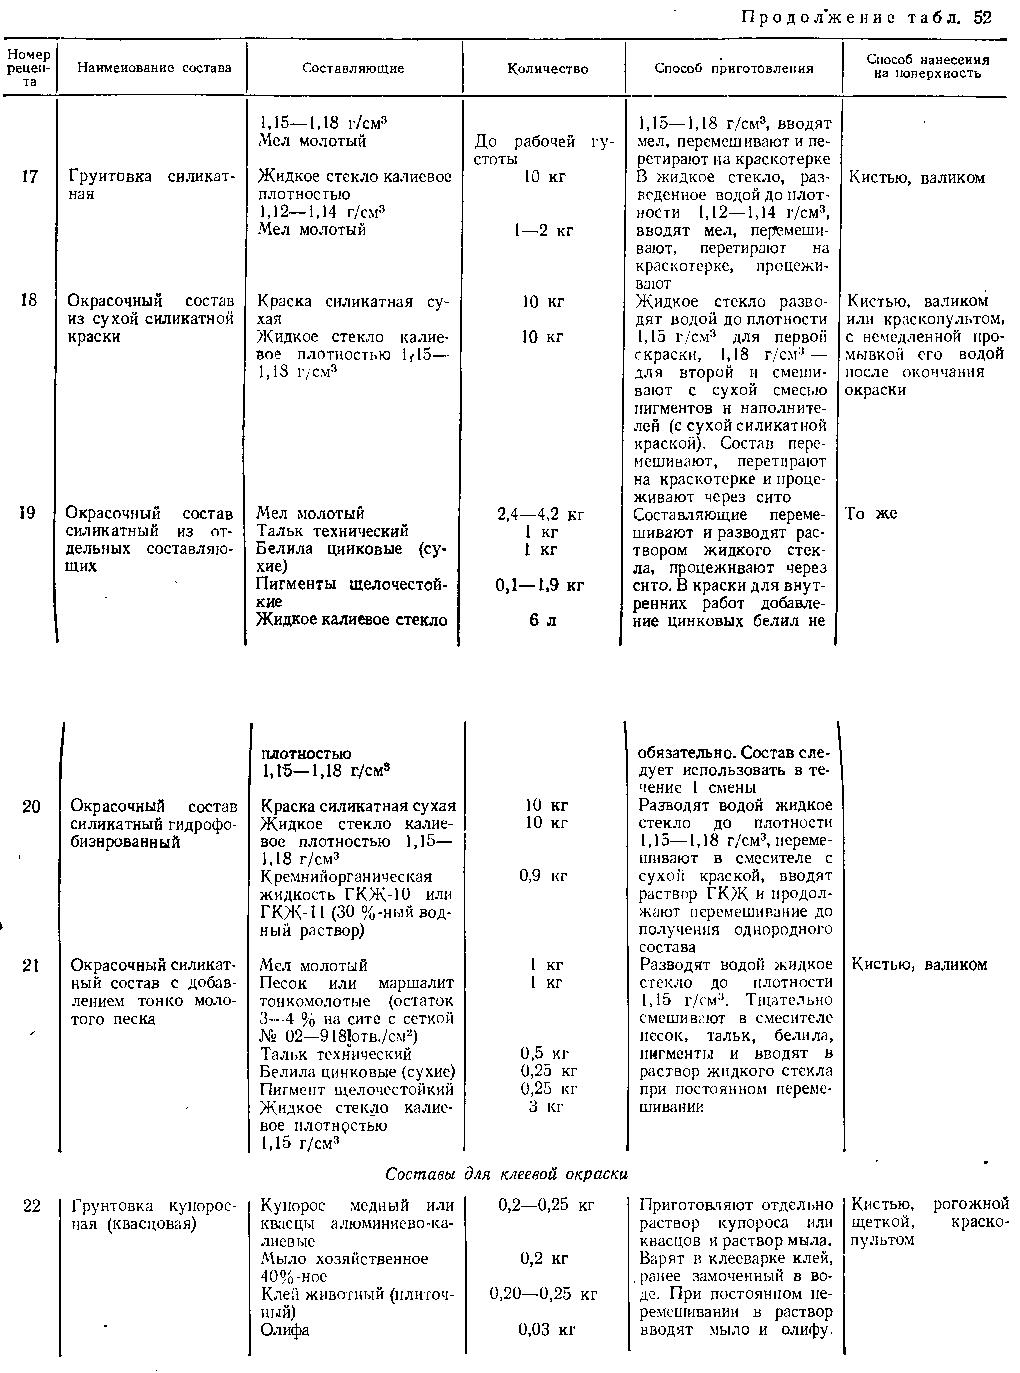 Составы грунтовок для клеевой окраски